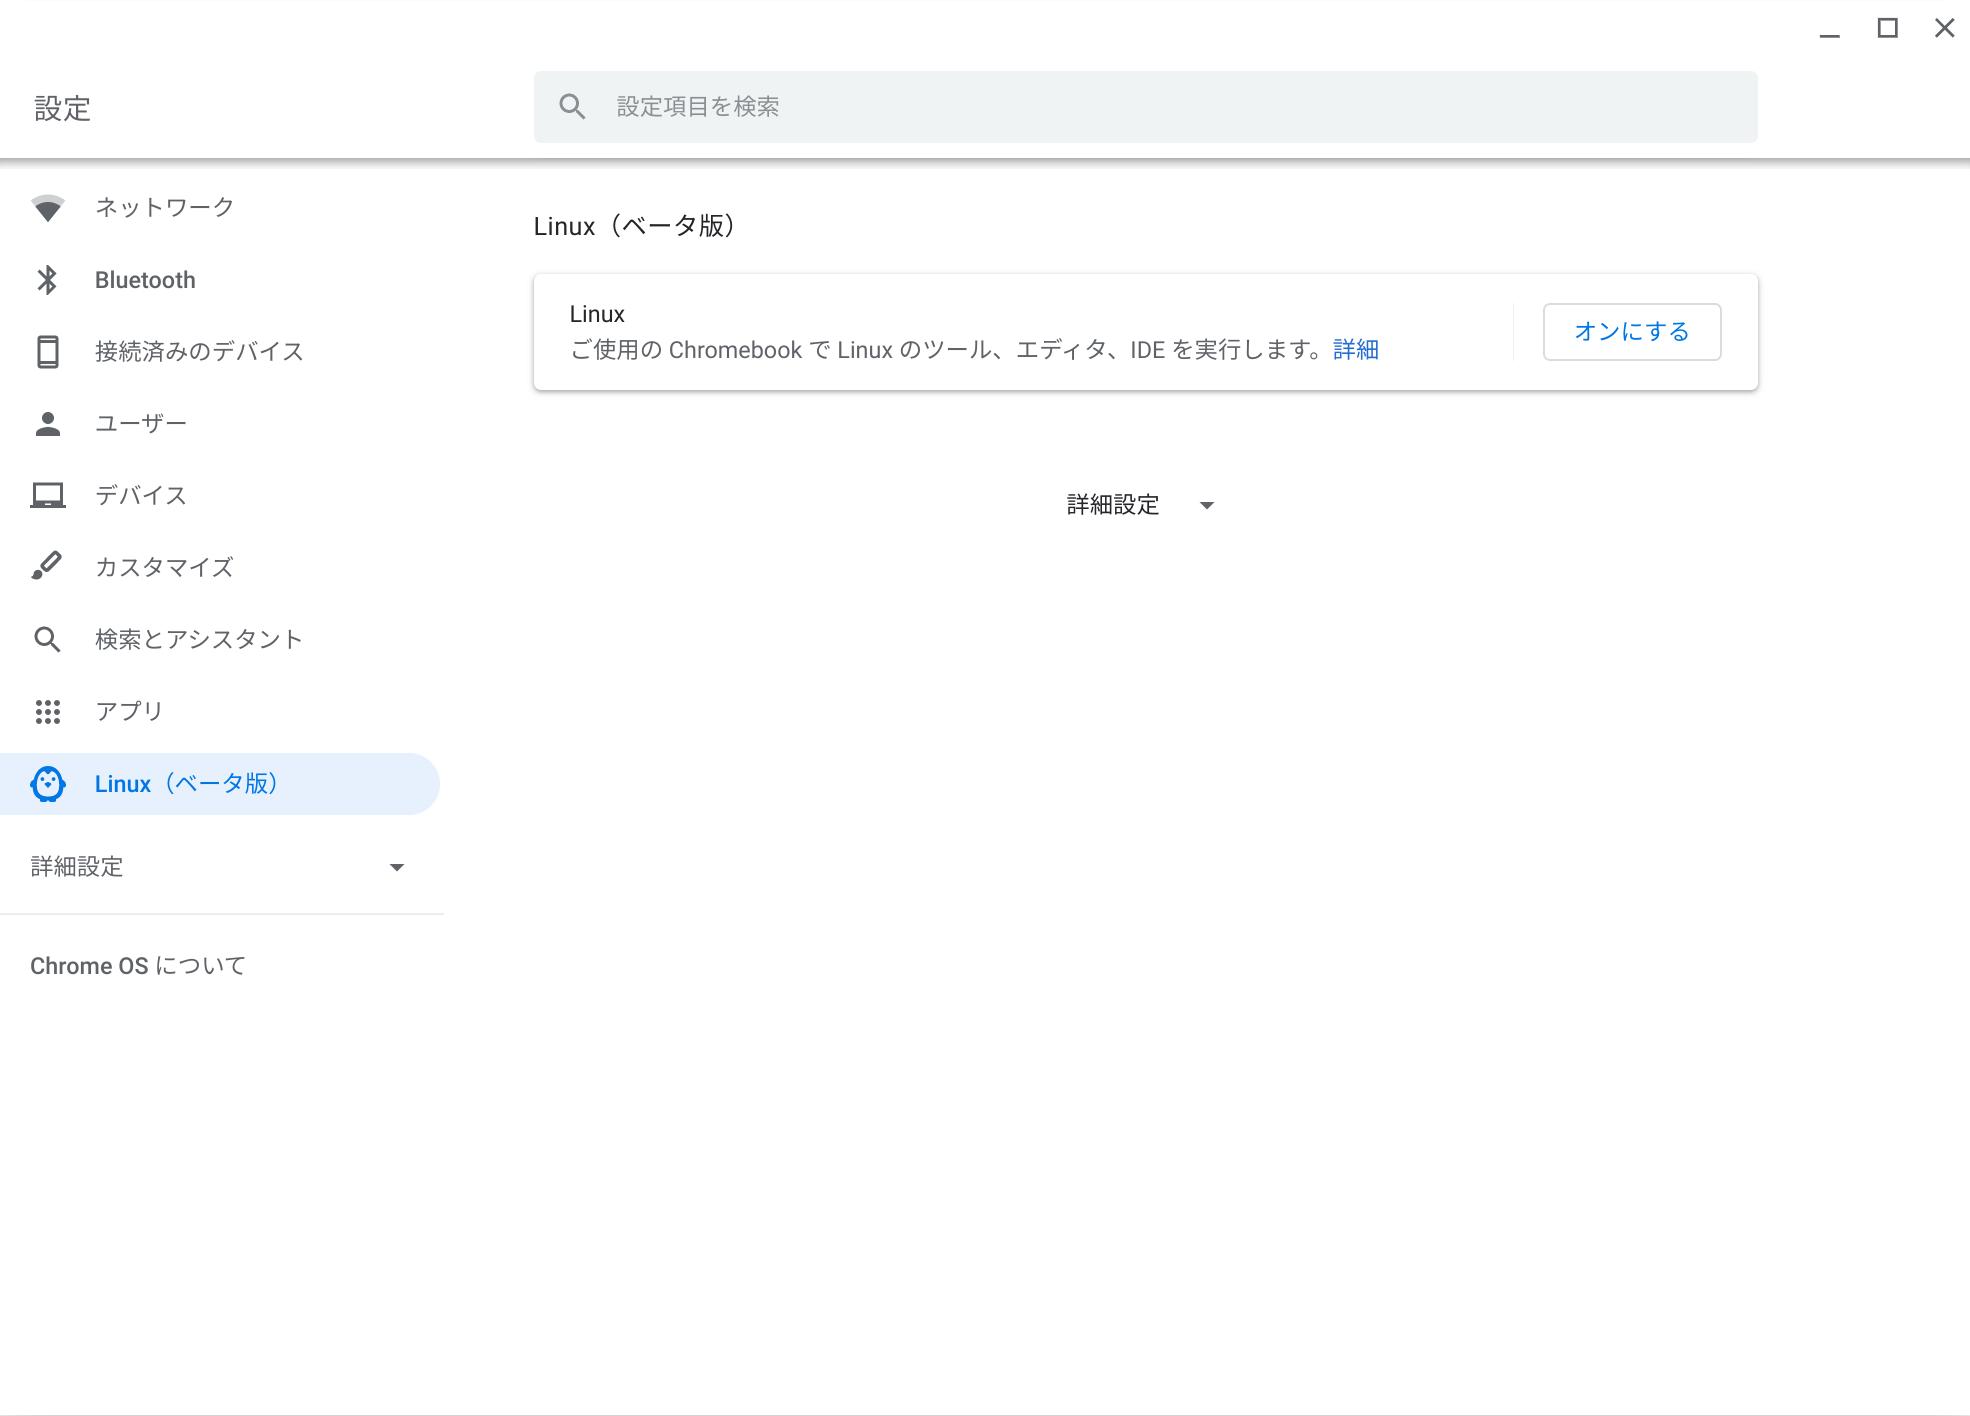 Screenshot 2019-12-23 at 15.24.43.png